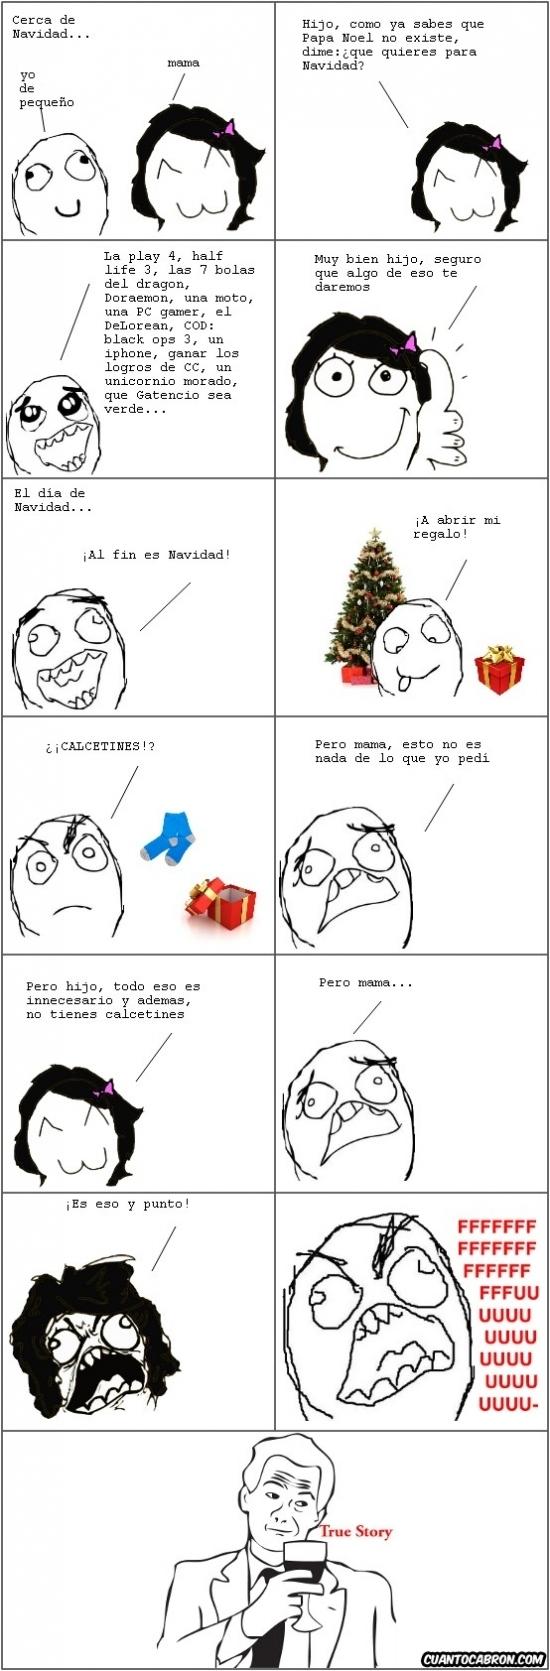 Ffffuuuuuuuuuu - Todos los años igual con los regalos